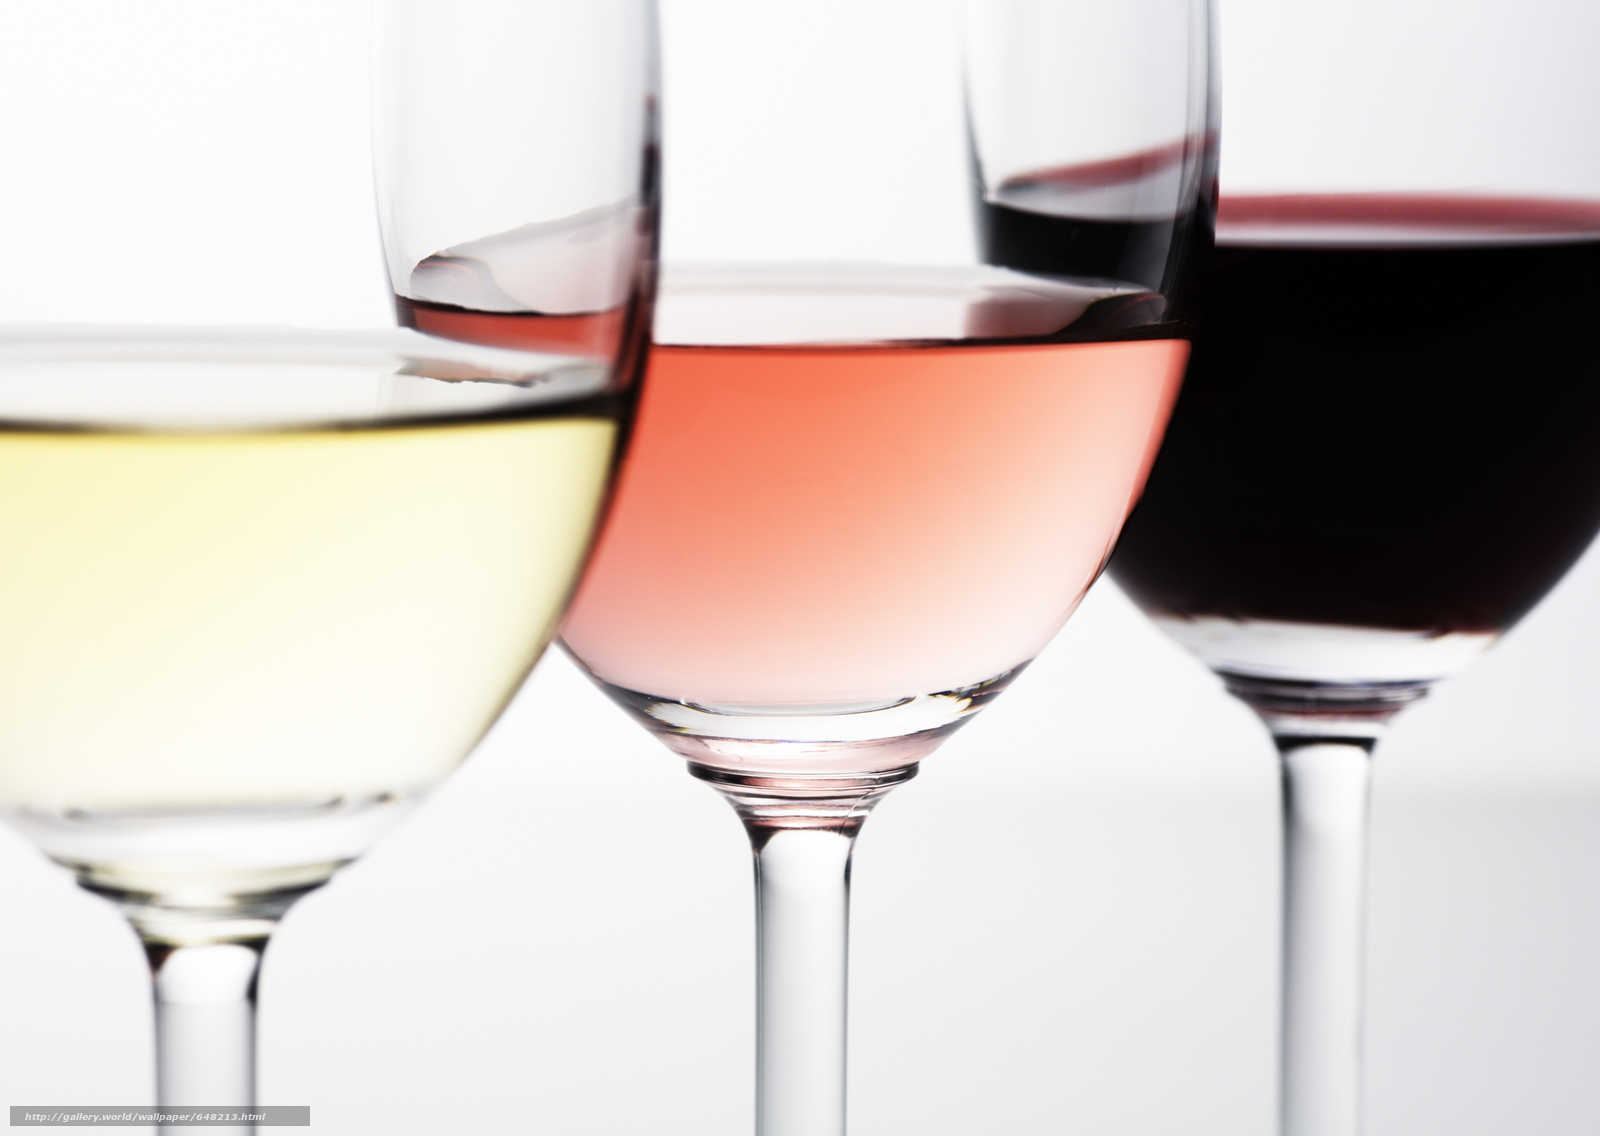 scaricare gli sfondi Calici,  vino,  alcol,  alcol Sfondi gratis per la risoluzione del desktop 2950x2094 — immagine №648213